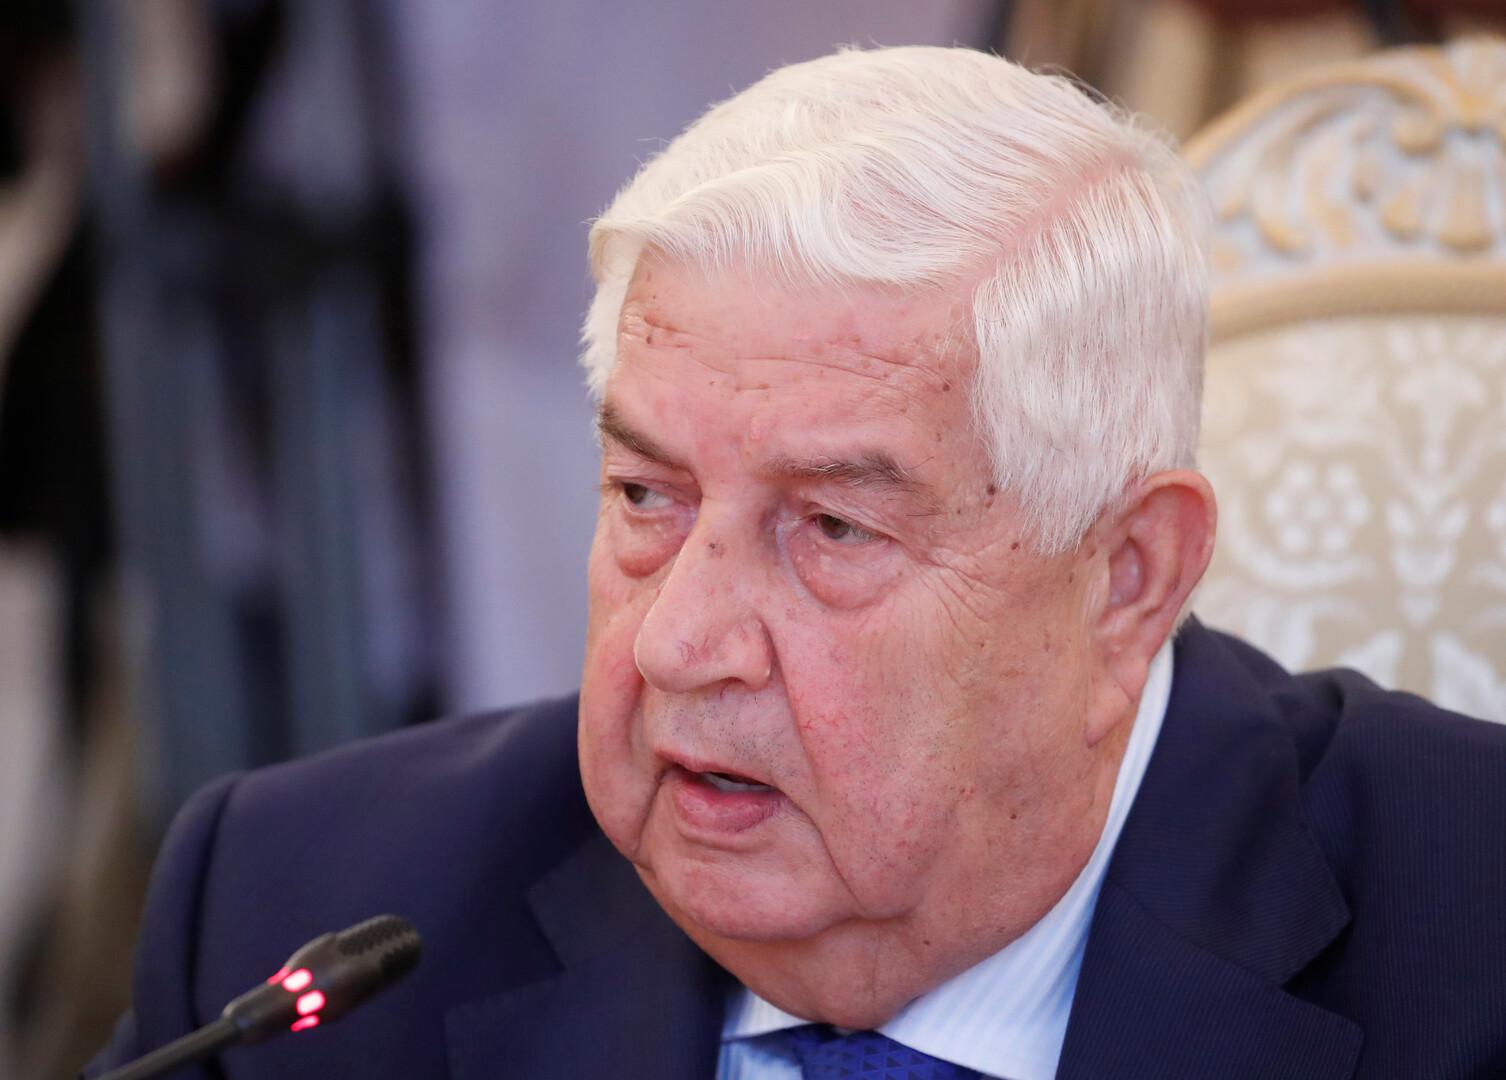 دمشق تؤكد التزامها بالعملية السياسية واستعدادها مواصلة التعاون مع المبعوث الأممي